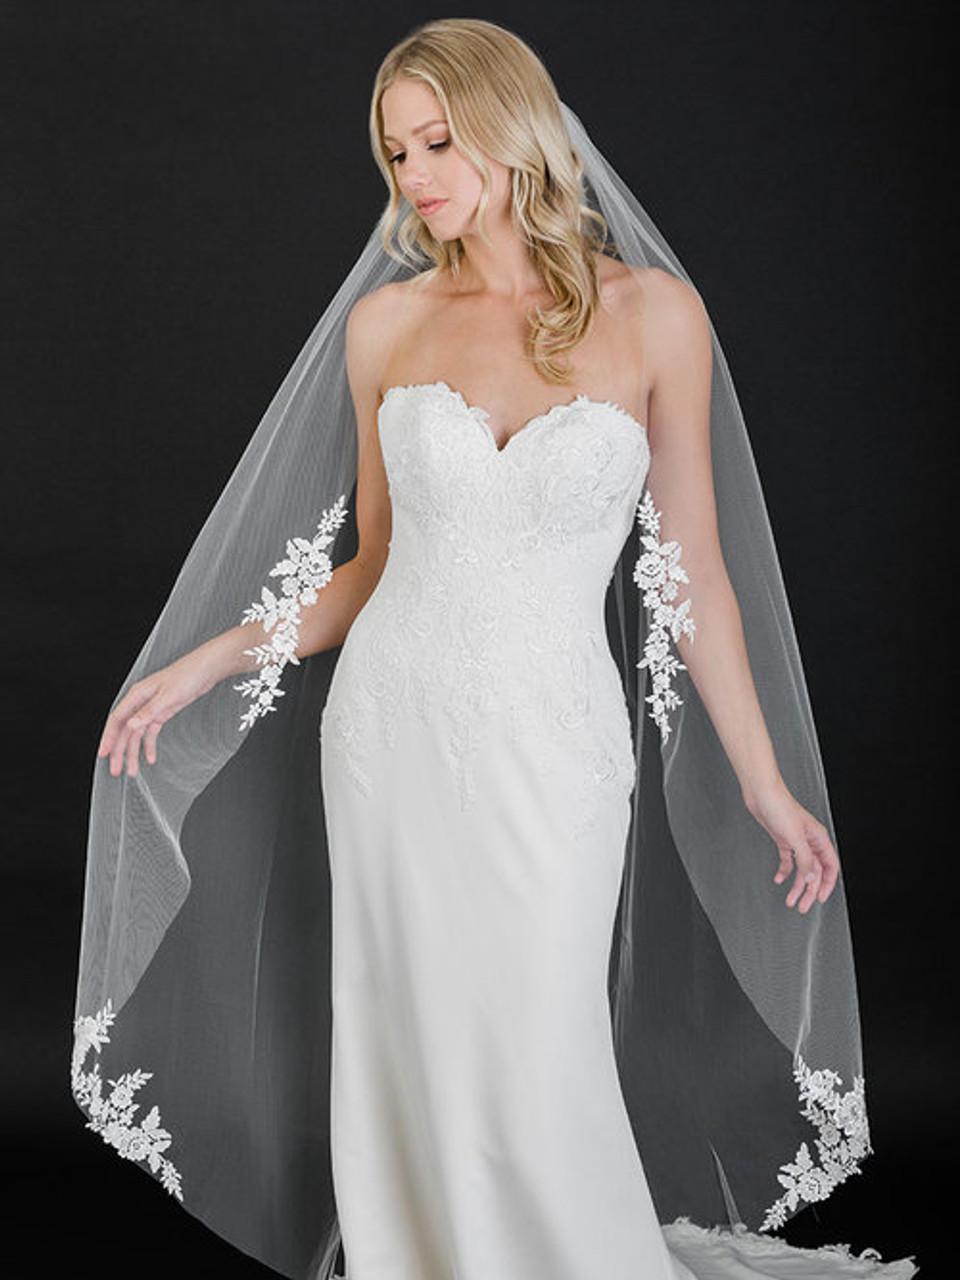 Bel Aire Bridal Veil V7505 - 1-tier cut edge waltz veil with Venise lace appliqués